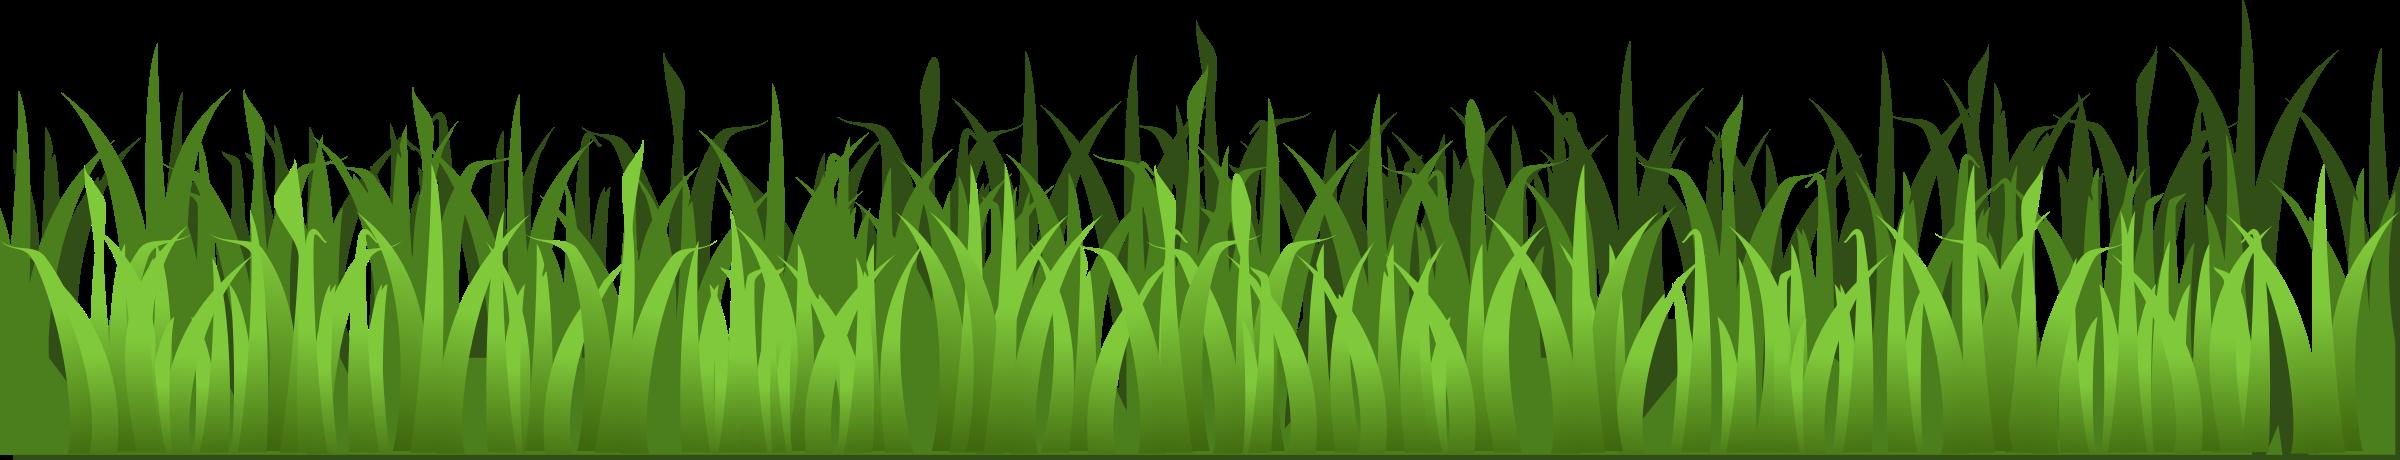 grass clipart 4 – gclipart